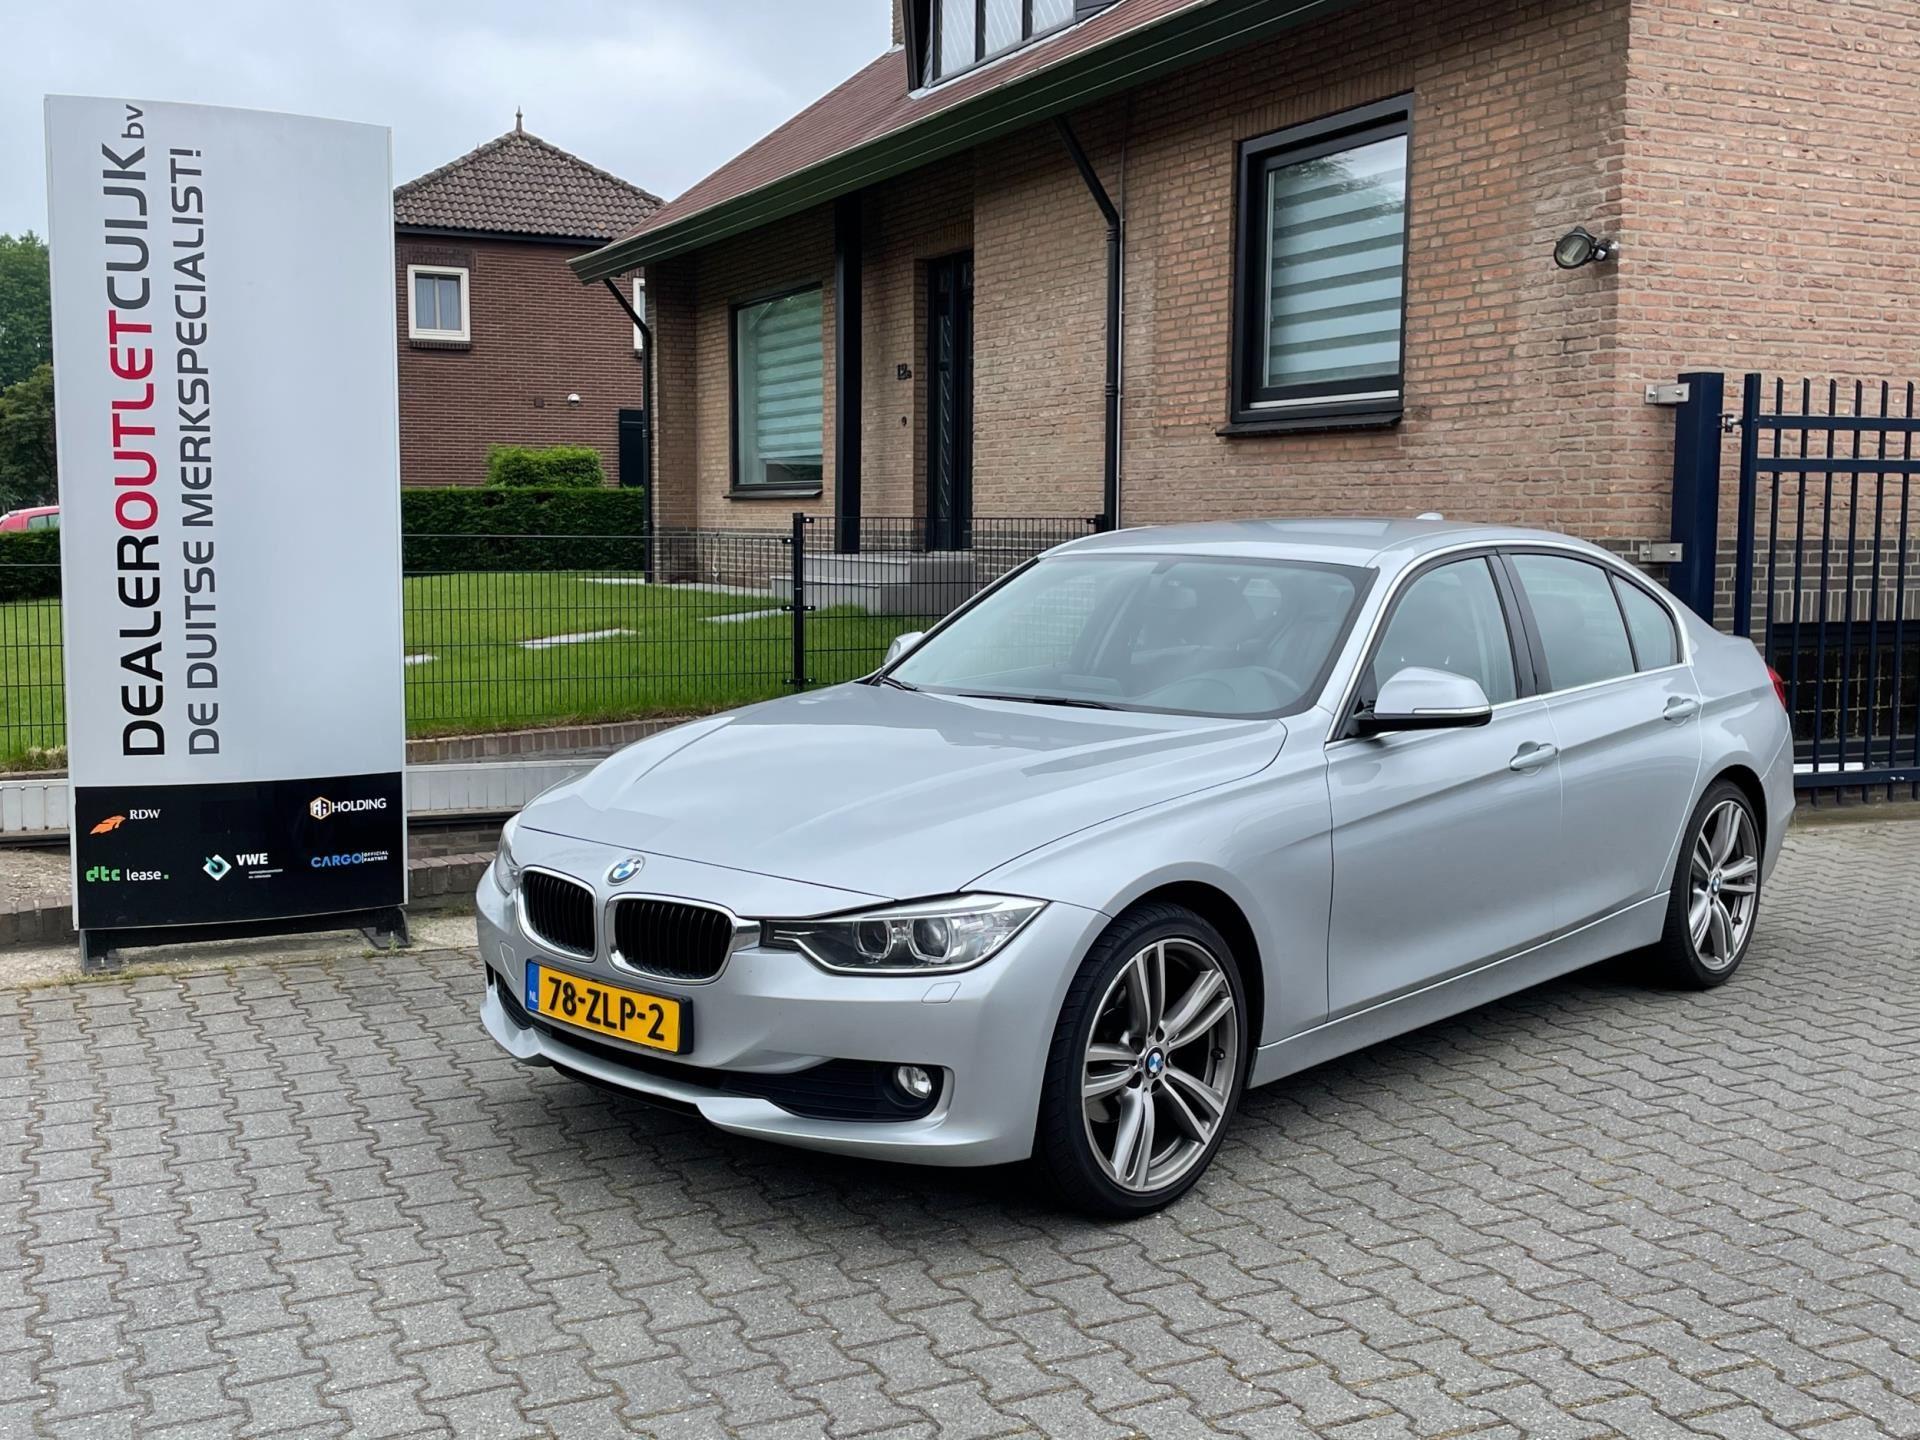 BMW 3-serie occasion - Dealer Outlet Cuijk b.v.